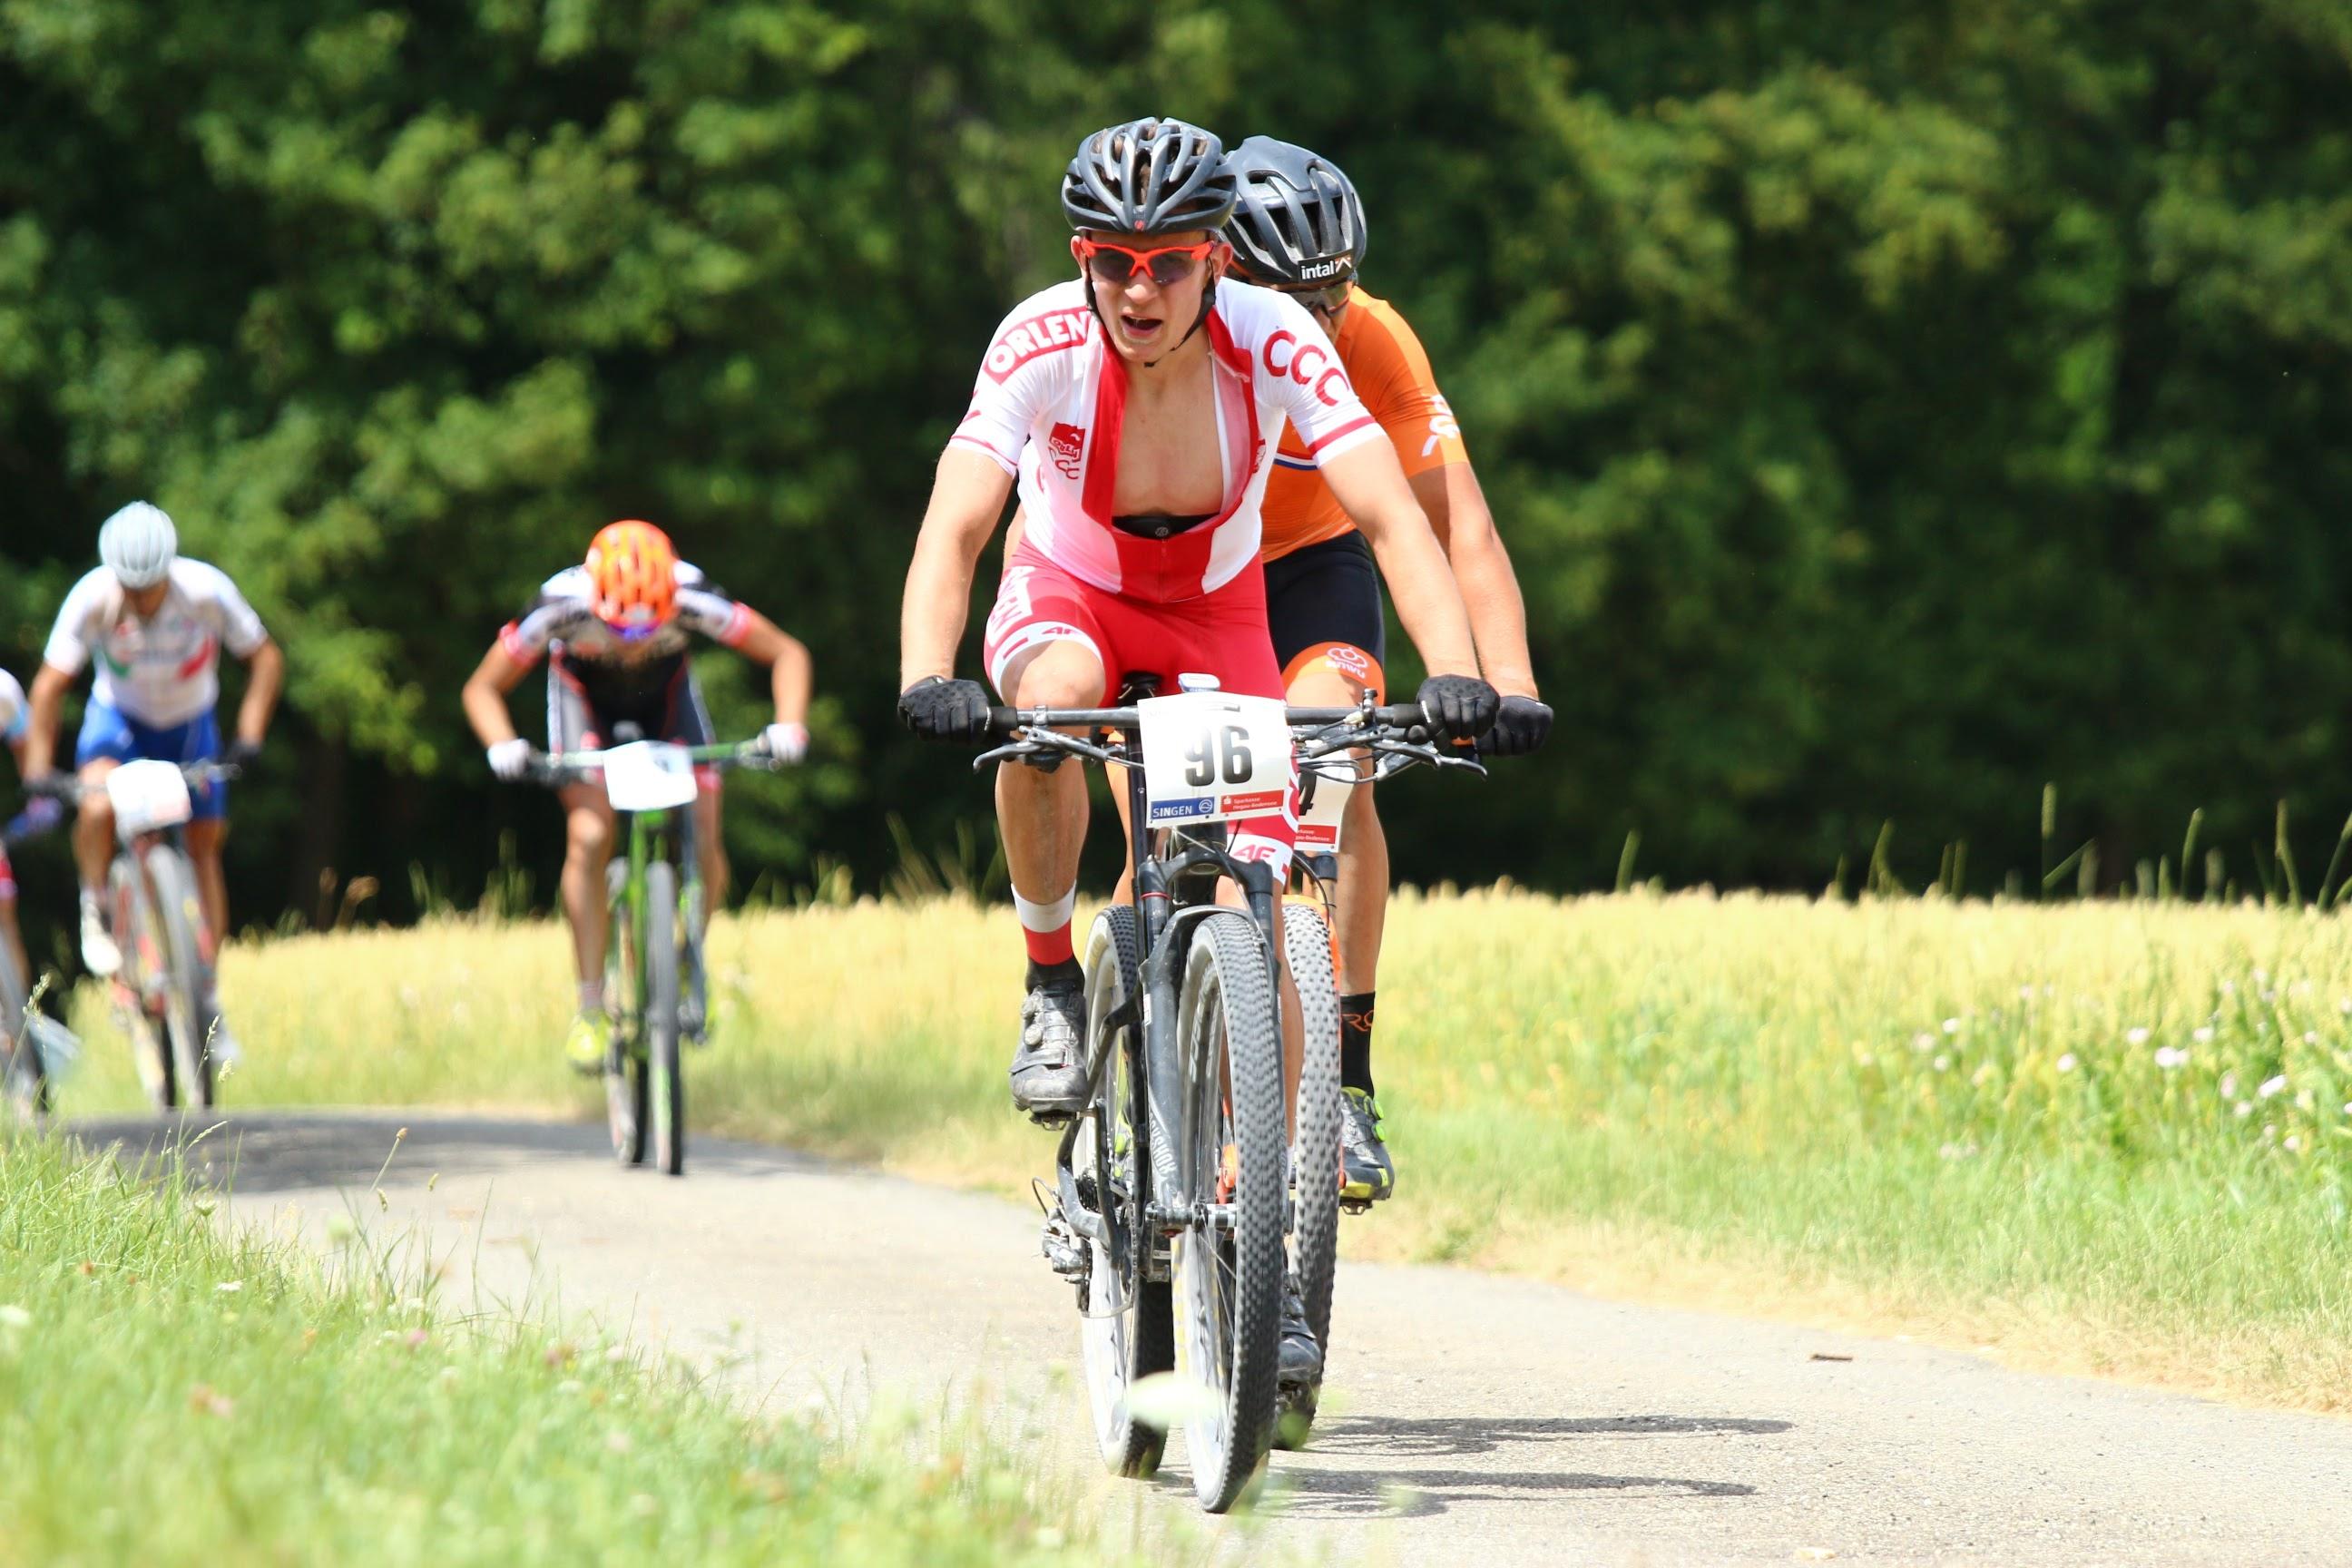 Krzysztof Łukasik (Mitutotyo AZS Wratislavia) – Mistrzostwa Świata w maratonie MTB, Niemcy